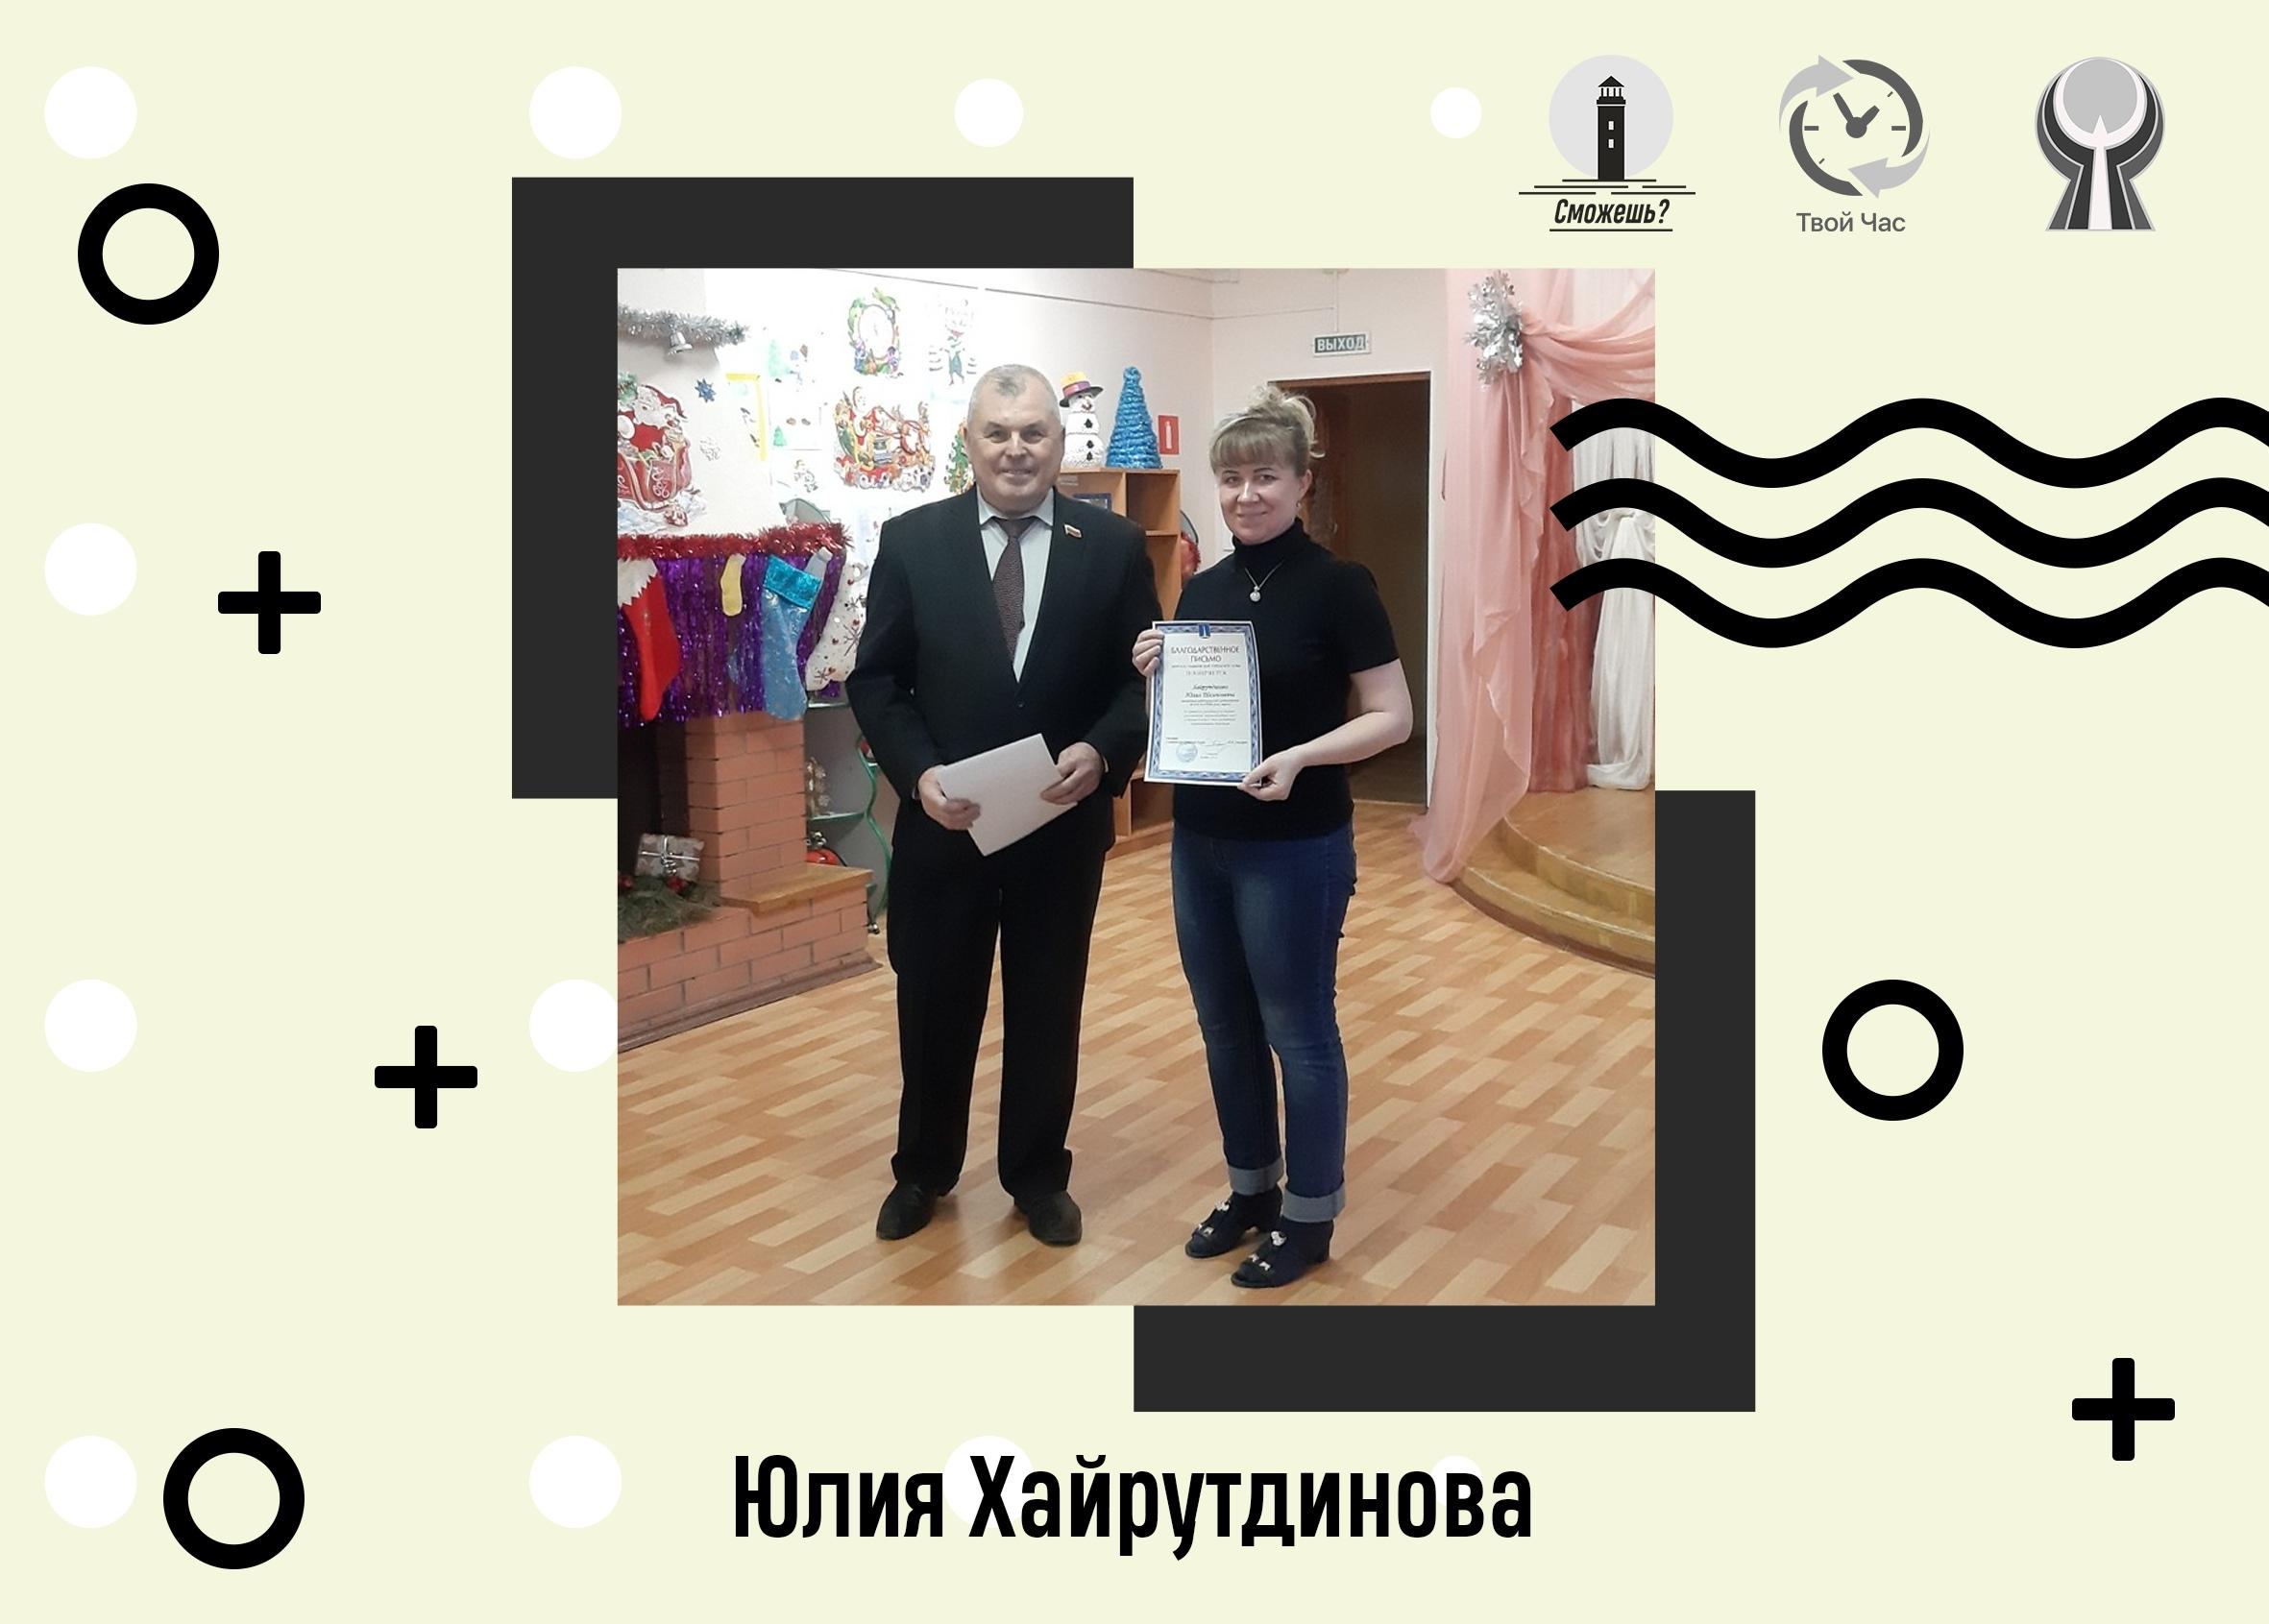 Проект «Сможешь?», мастер-класс от Юлии Хайрутдиновой на тему волонтерства @ ИЦАЭ (пер. Карамзина 3)